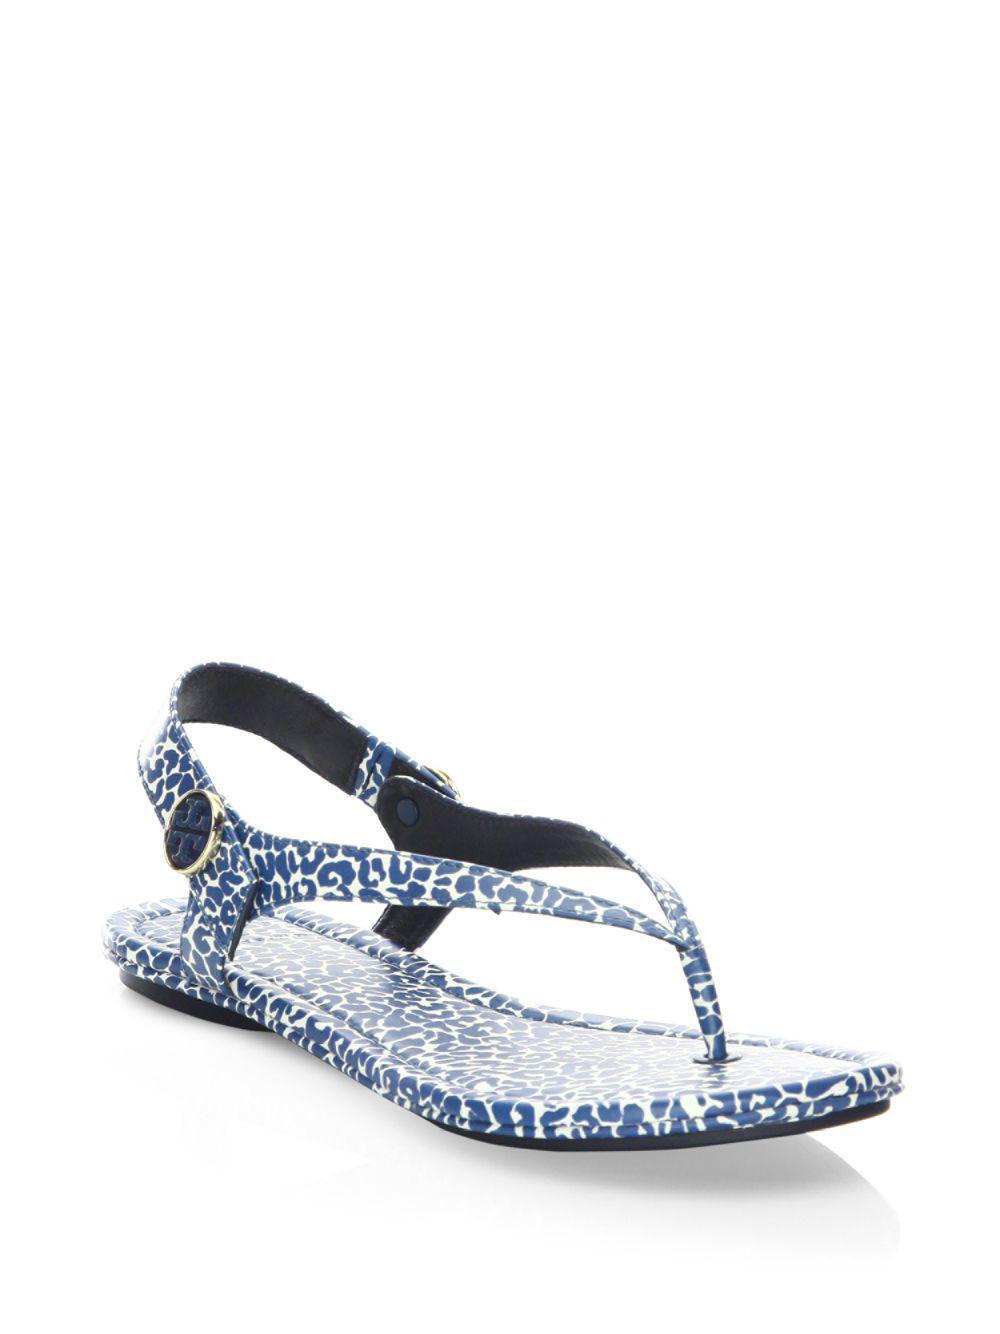 f9ab2b78934b8 Lyst - Tory Burch Minnie Leopard-print Travel Sandals in Blue